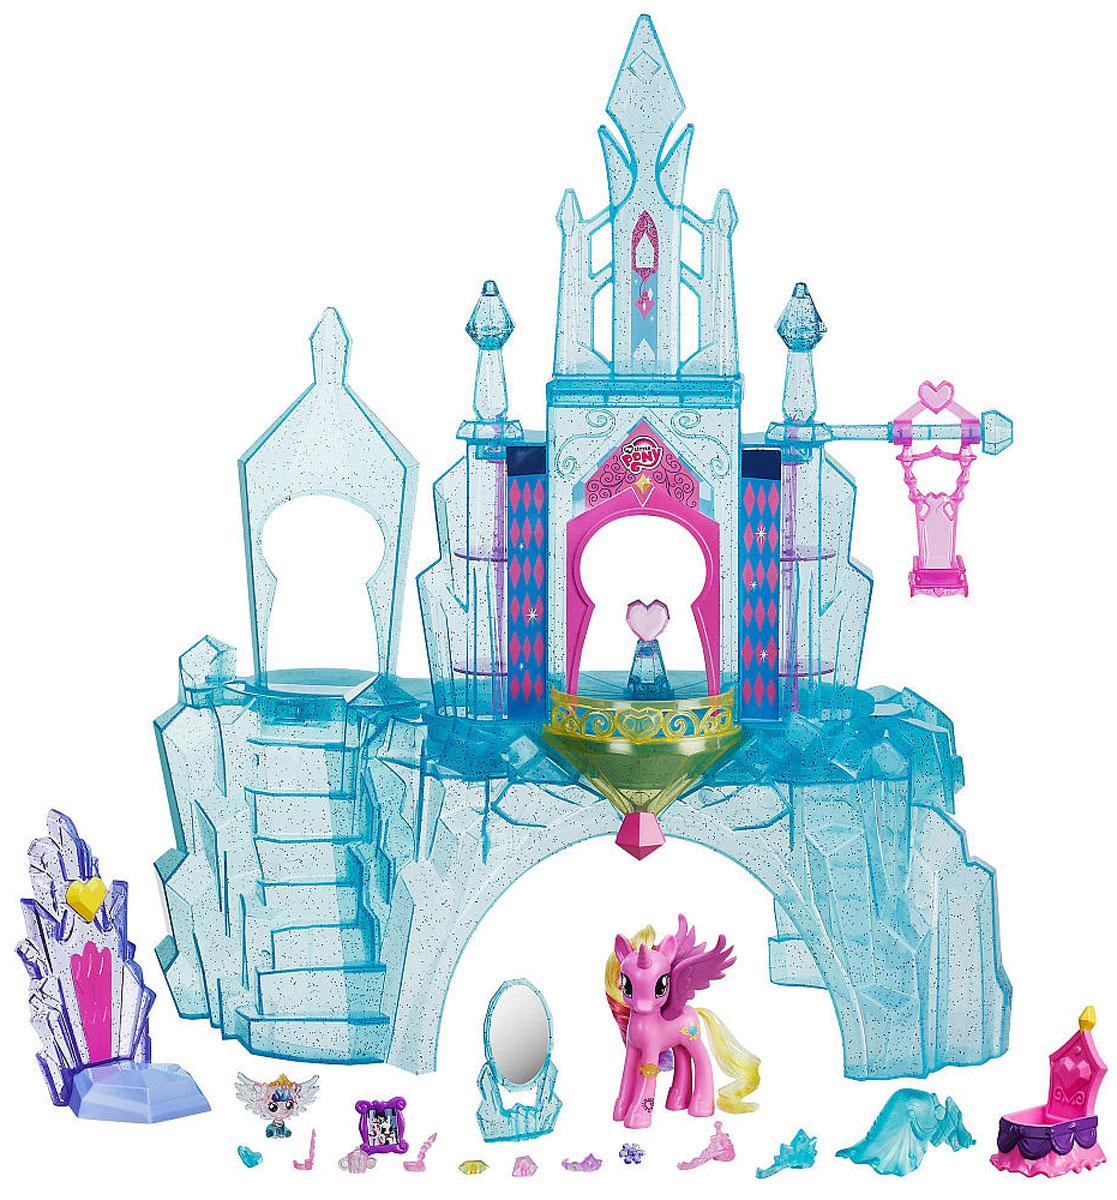 My Little Pony Игровой набор Кристальный замокB5255EU4Игровой набор My Little Pony Кристальный замок порадует абсолютно любую девочку. Милый пони нуждается в красивом доме, в данном случае ему представлен целый замок. Шикарный замок, словно взятый из сказки, идеально подходит для прекрасного пони. Встав на балконе замка, для пони открывается прекрасный вид. Но самое интересное в этом замке - это трон для пони. На таком шикарном троне хозяин замка сможет проводить практически все свое время. В наборе также имеется множество различных аксессуаров, необходимых для пони и замка. Замок оснащен световыми эффектами. С таким набором ваша девочка никогда не заскучает. Отсканируйте специальный код своим мобильным устройством, и откройте новые функции в игровом мобильном приложении My Little Pony. Необходимо купить 3 батарейки напряжением 1,5V типа AАА (не входят в комплект).